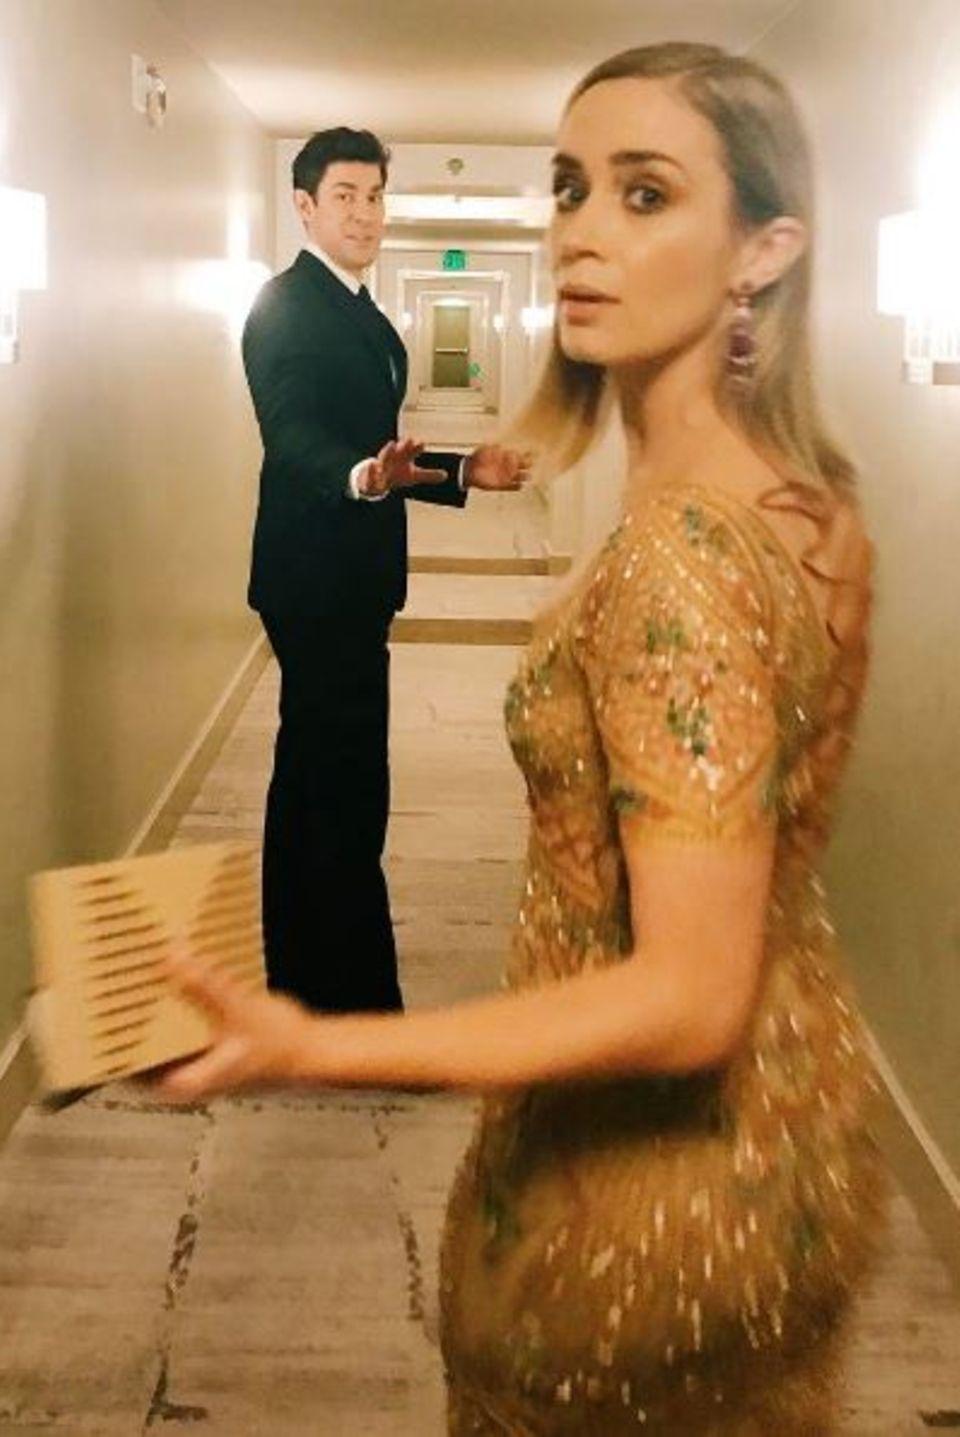 """John Krasinski eilt mit Emily Blunt zu der Preisverleihung. """"So stolz auf diese Nominierte"""", schreibt er dazu. Seine Frau ist für ihre Hauptrolle in dem Thriller """"The Girl on the Train"""" für einen SAG Award nominiert. Die Schauspielerin hat sich an diesem Abend für eine aufwendig verzierte, zarte Nude-Robe von Roberto Cavalli entschieden."""